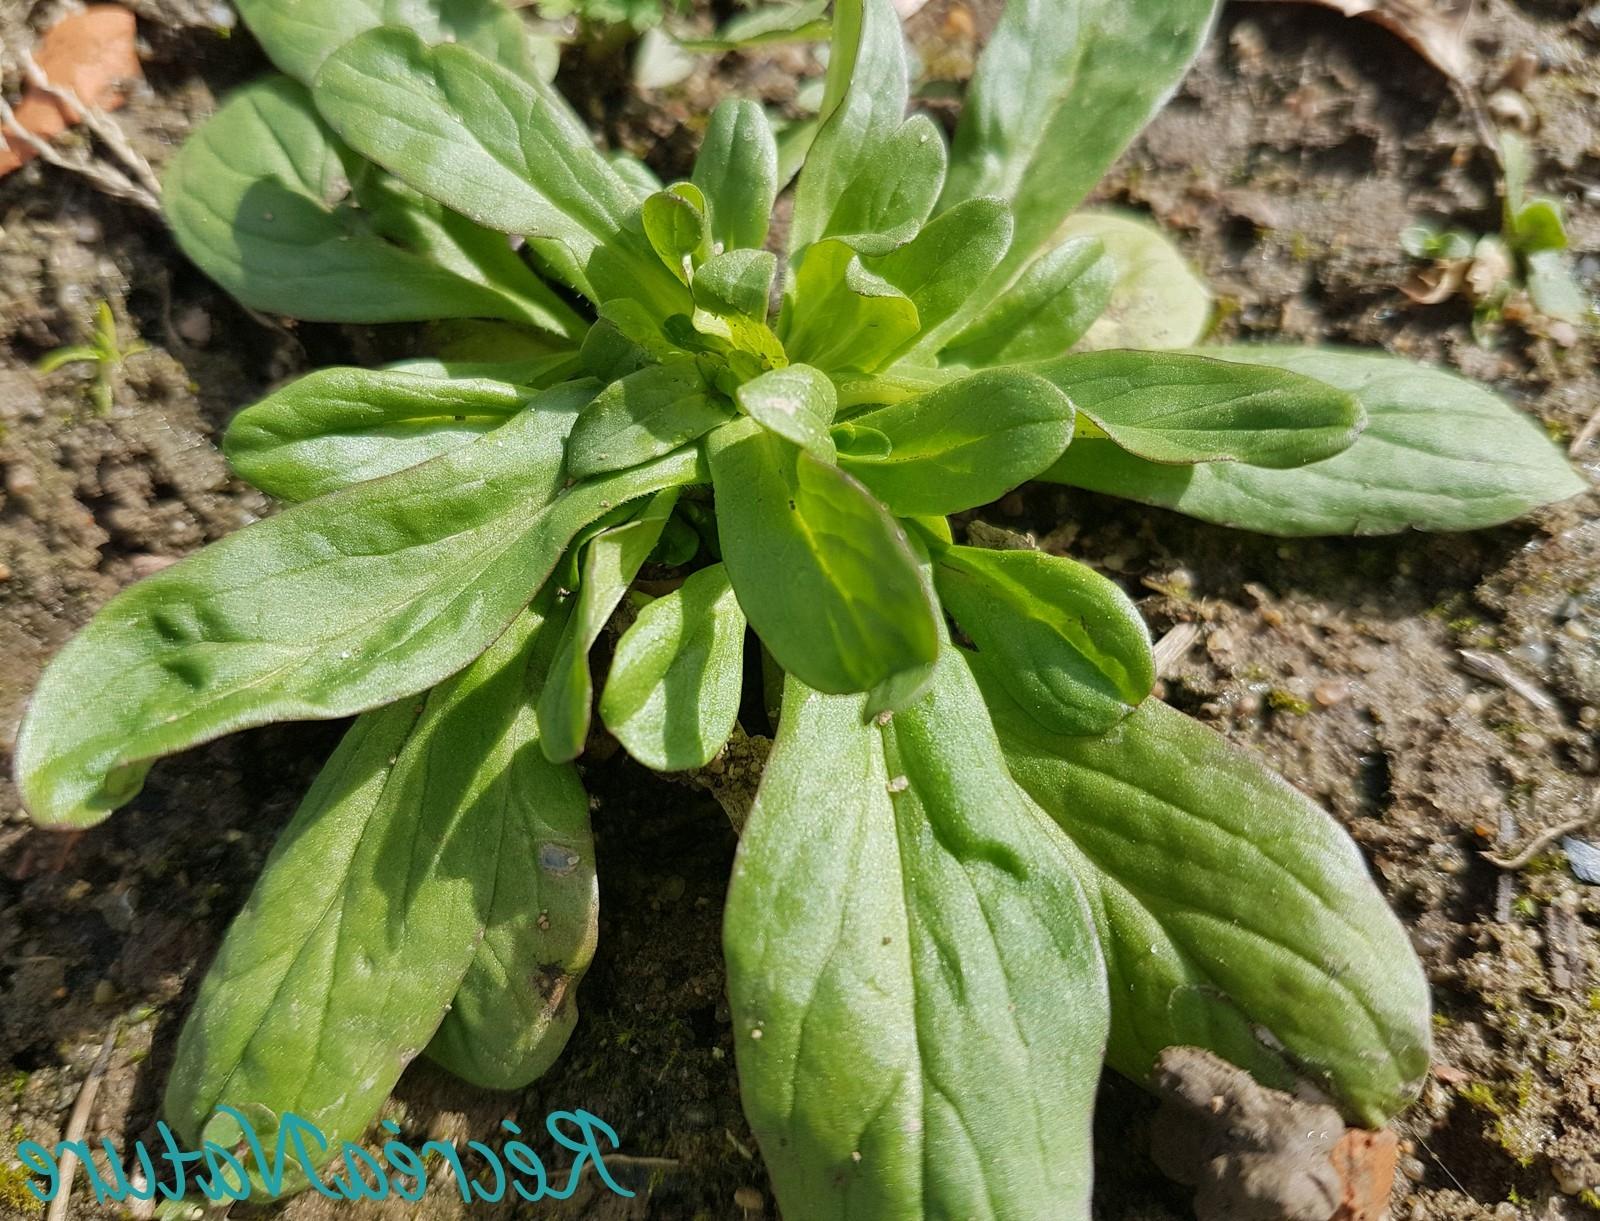 Comment faire pousser des salades rapidement ?